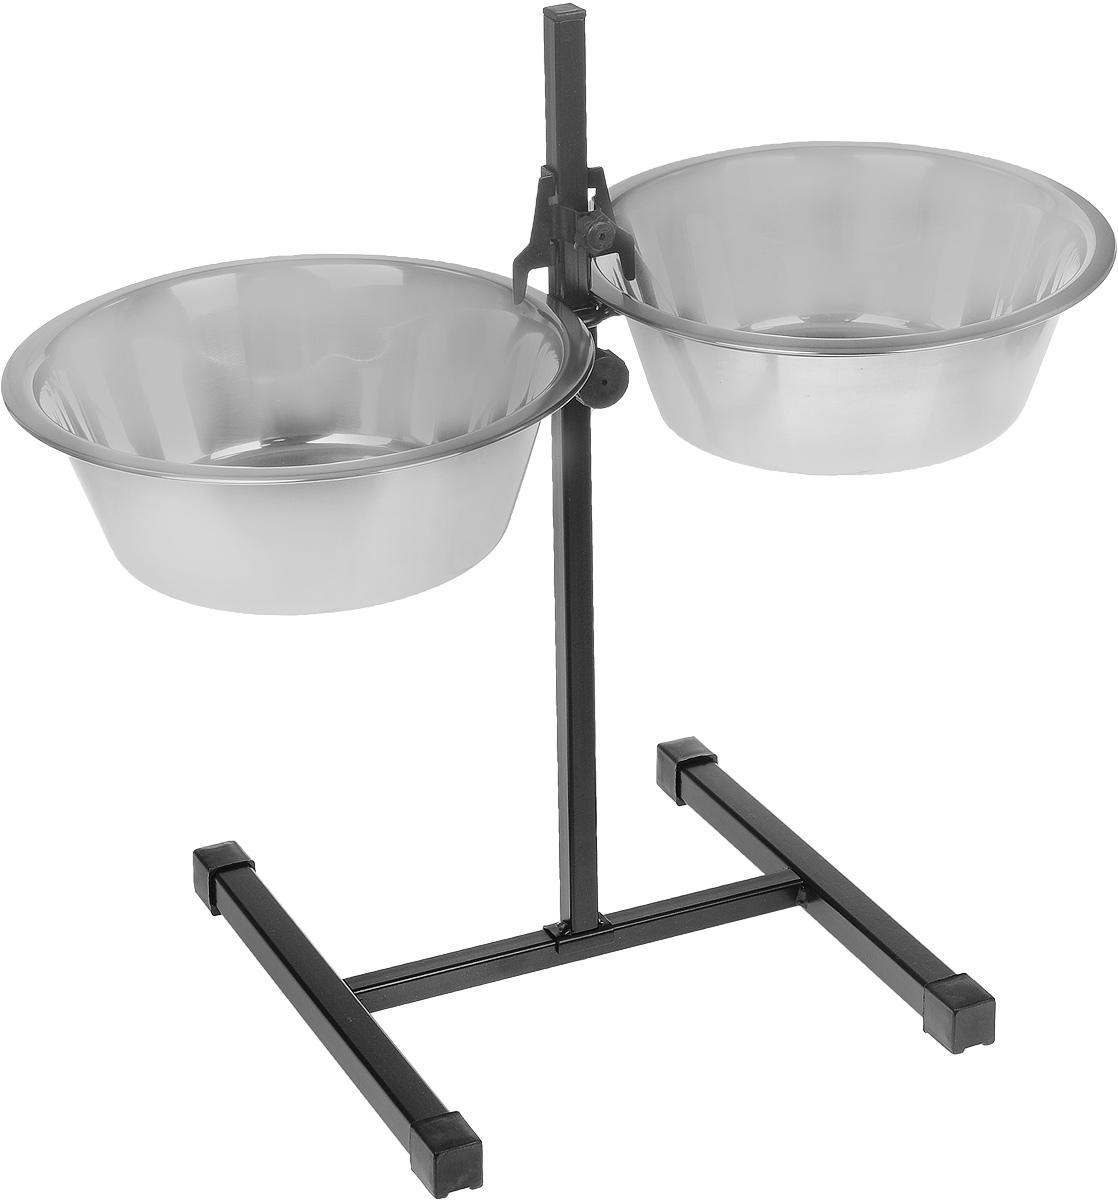 Миска для собак РЭМО  Рекс , двойная, с телескопической подставкой, 2 х 2,5 л - Аксессуары для кормления